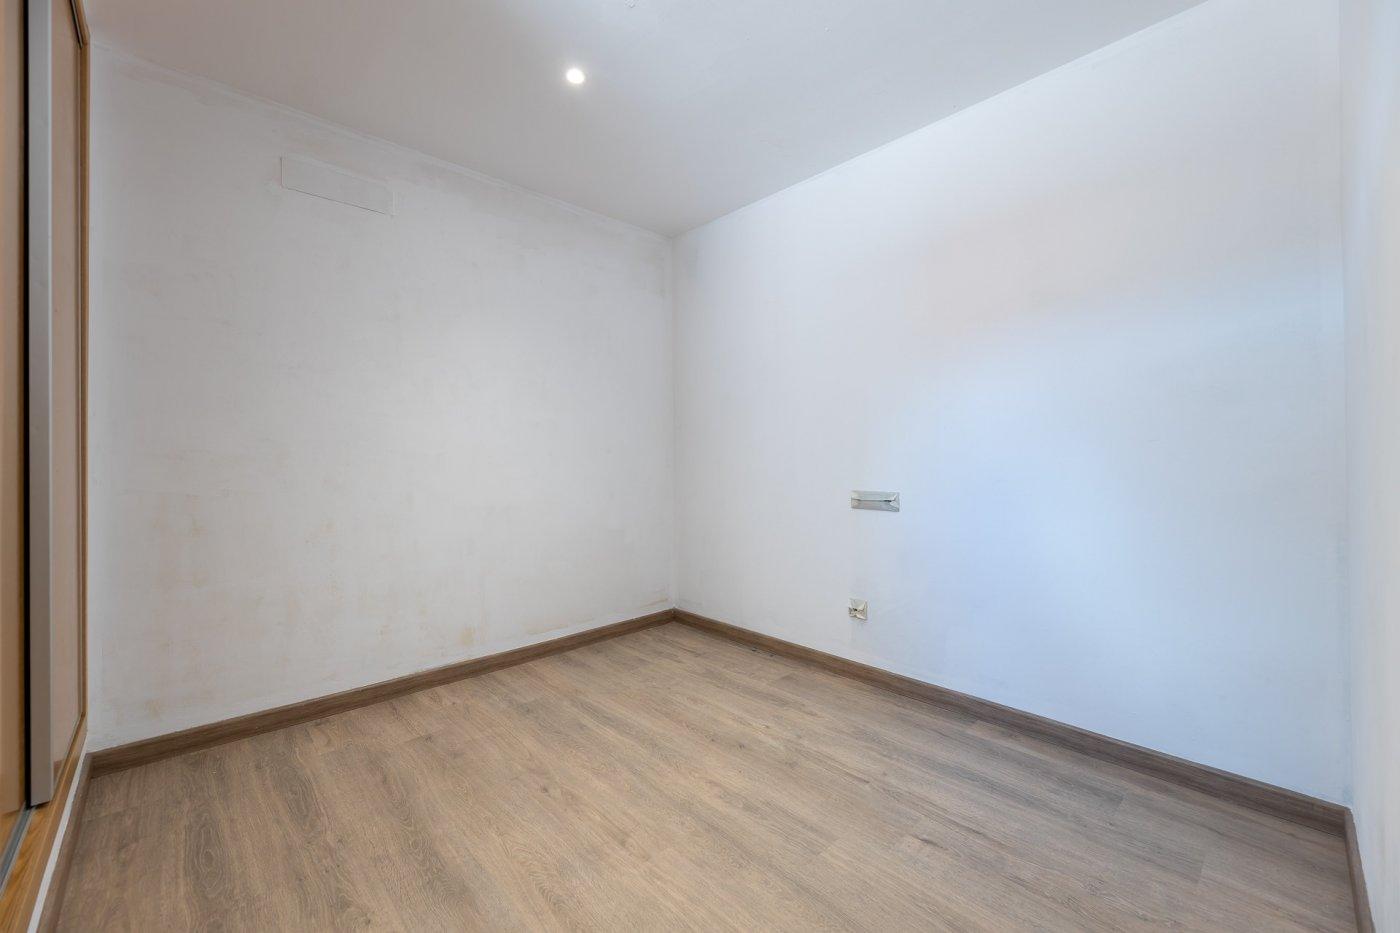 Piso tres habitaciones y amplia terraza en el centro de inca - imagenInmueble15